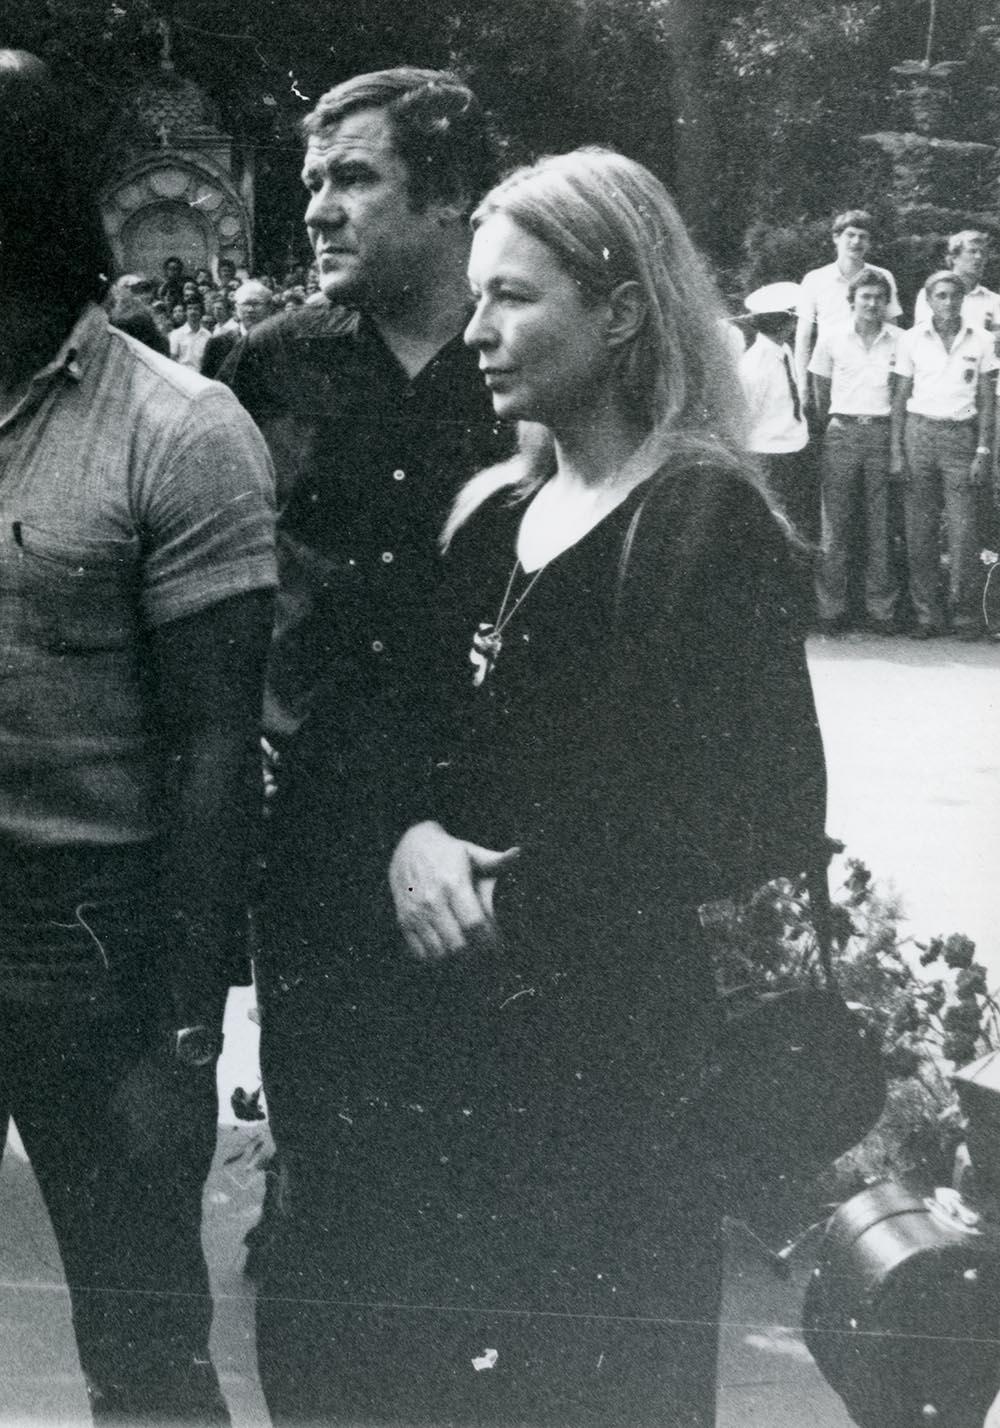 1980. Похороны Владимира Высоцкого. ул. Чкалова (Земляной вал). 28 июля (6)